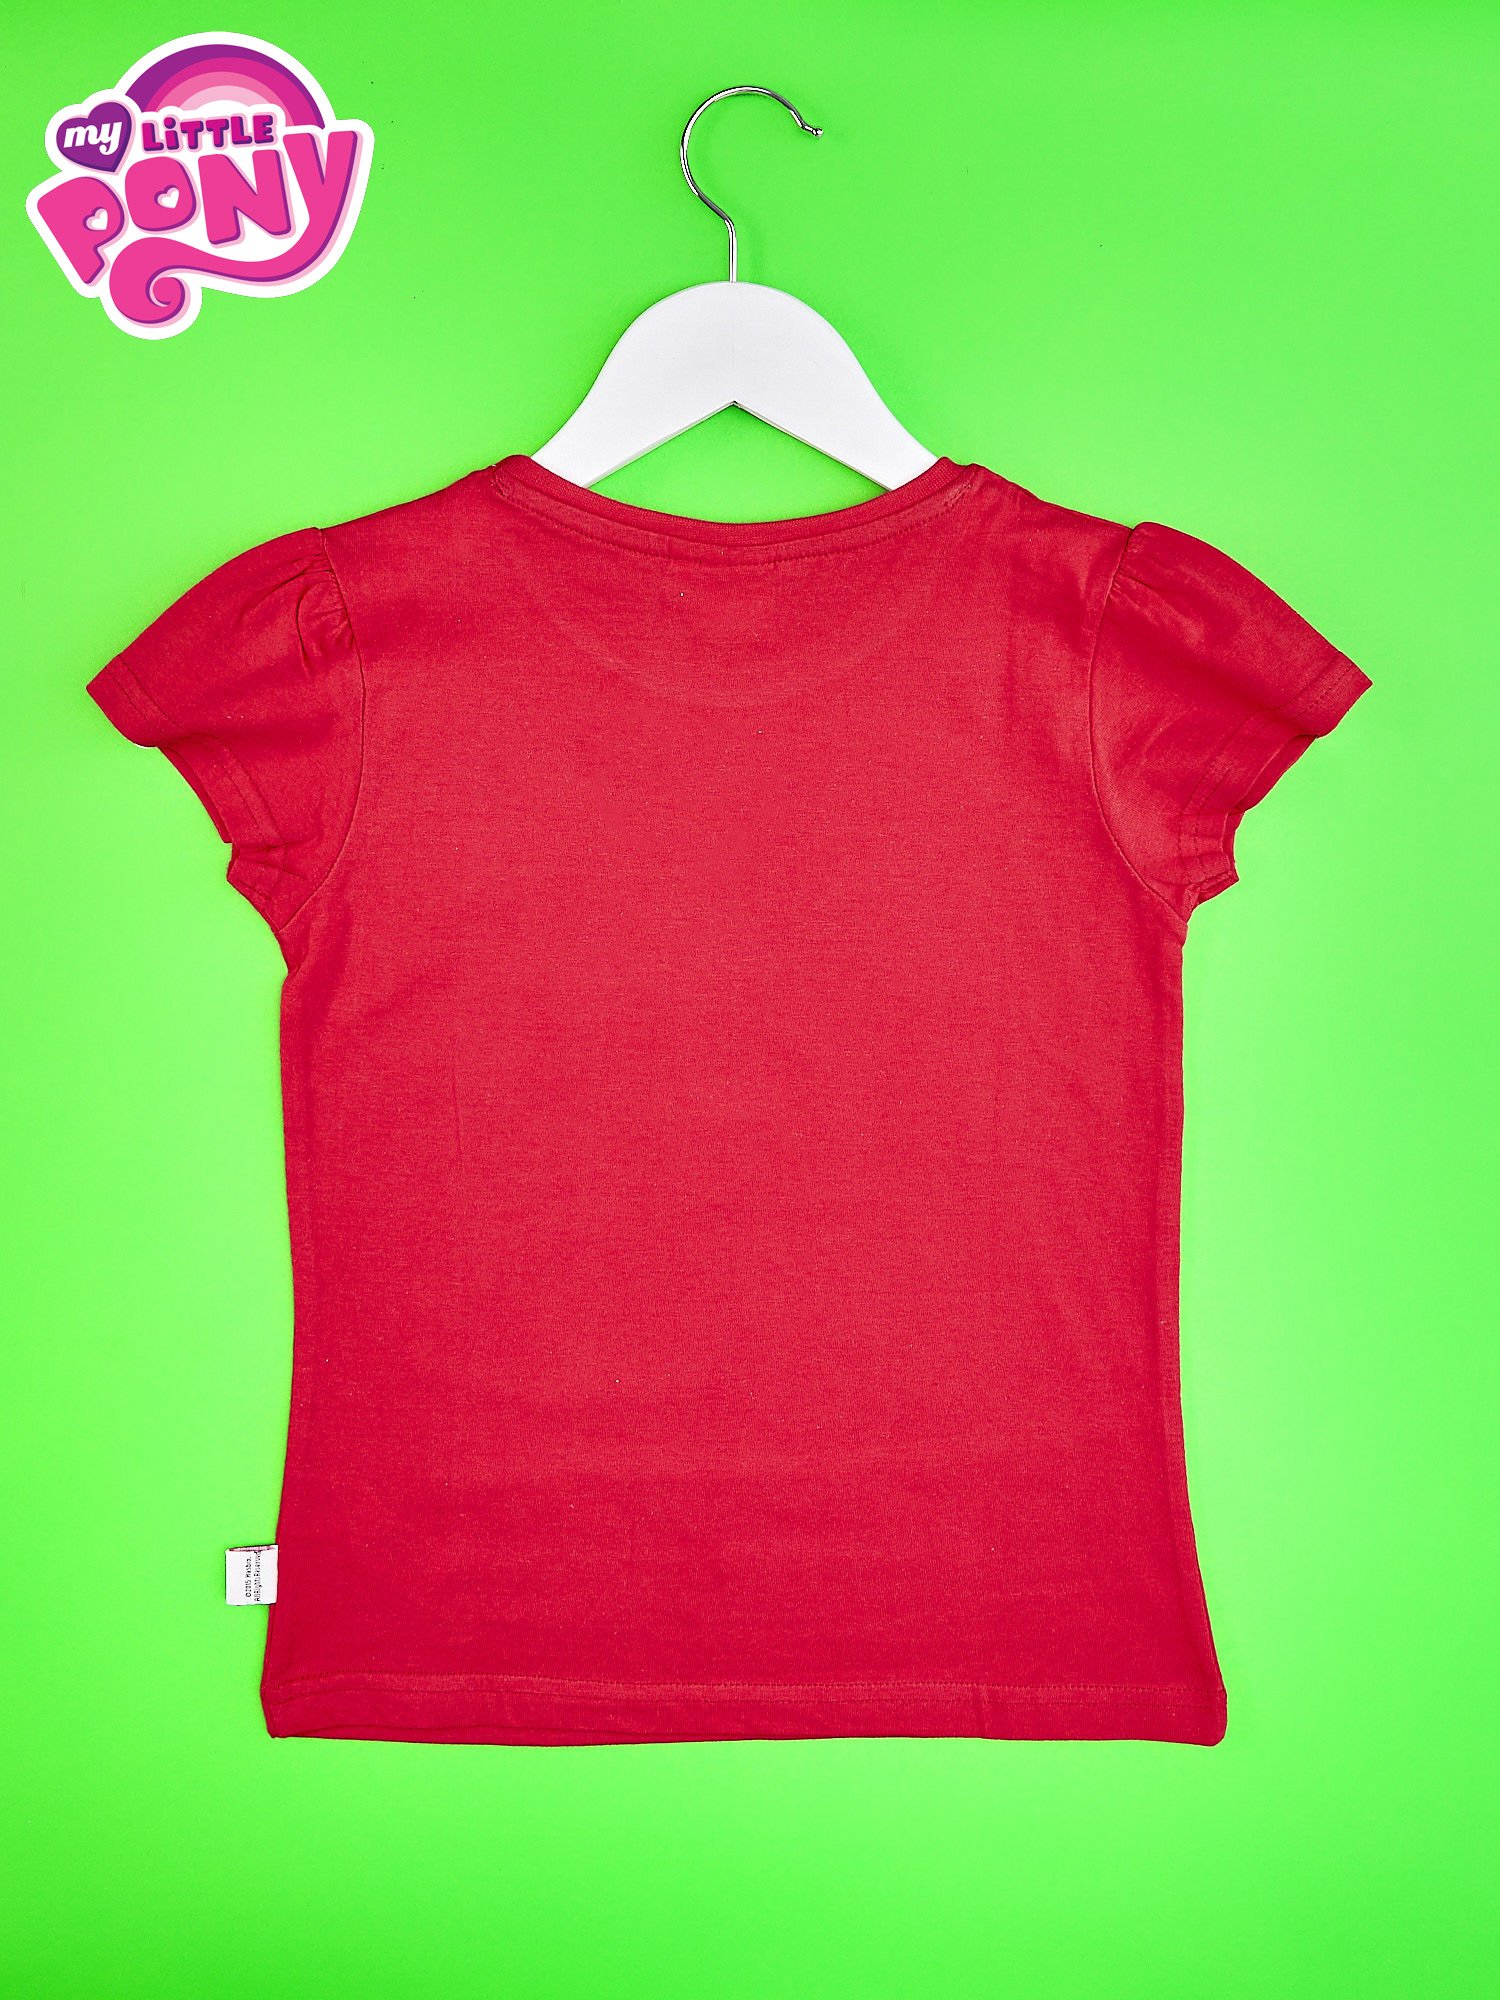 Czerwony t-shirt dla dziewczynki z motywem MY LITTLE PONY                                  zdj.                                  2